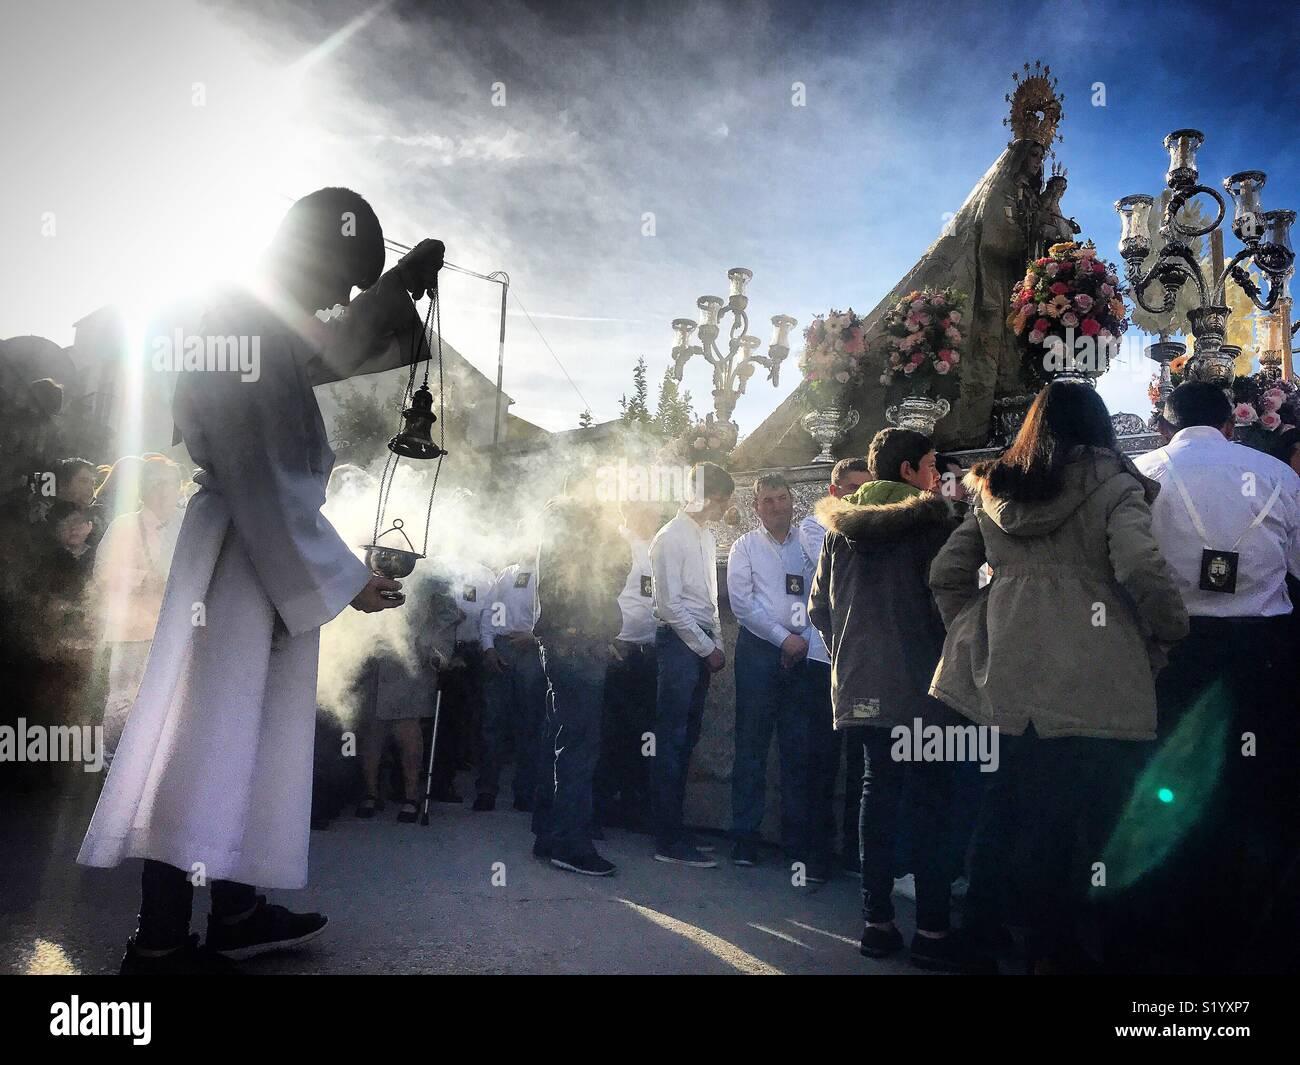 Un autel garçon se répand au cours d'une procession d'encens Notre Dame du Carmel en Prado del Rey, La Sierra de Cadiz, Andalousie, Espagne Photo Stock